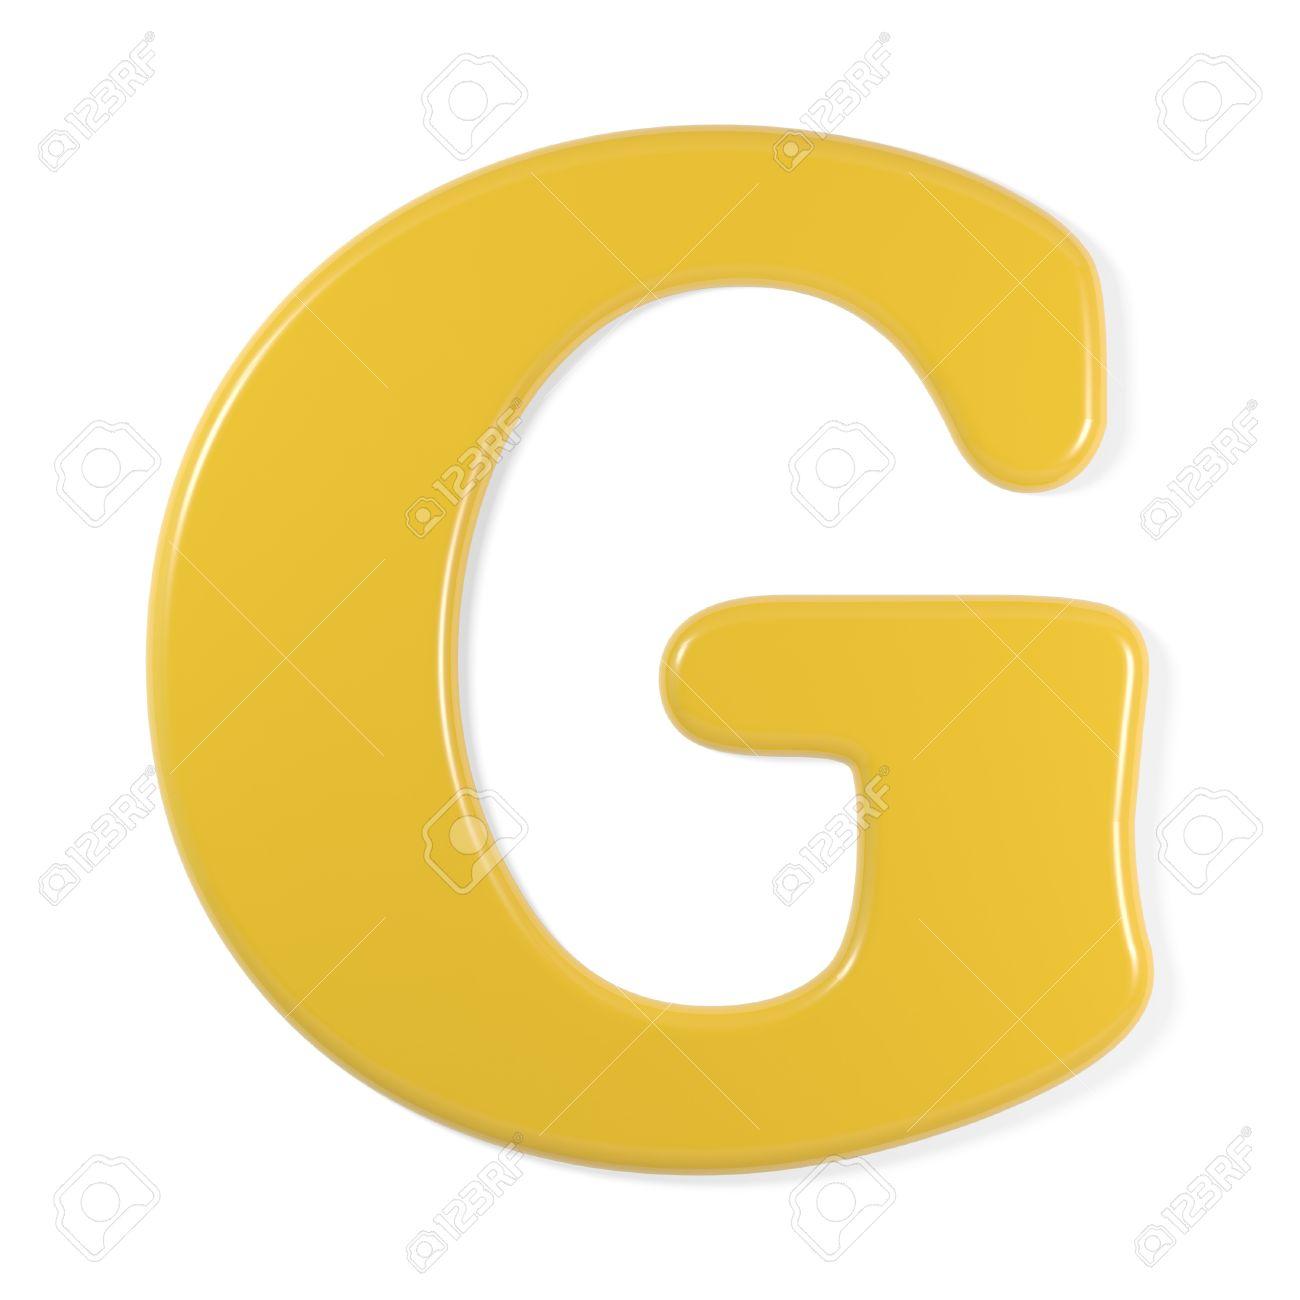 Letter G Font